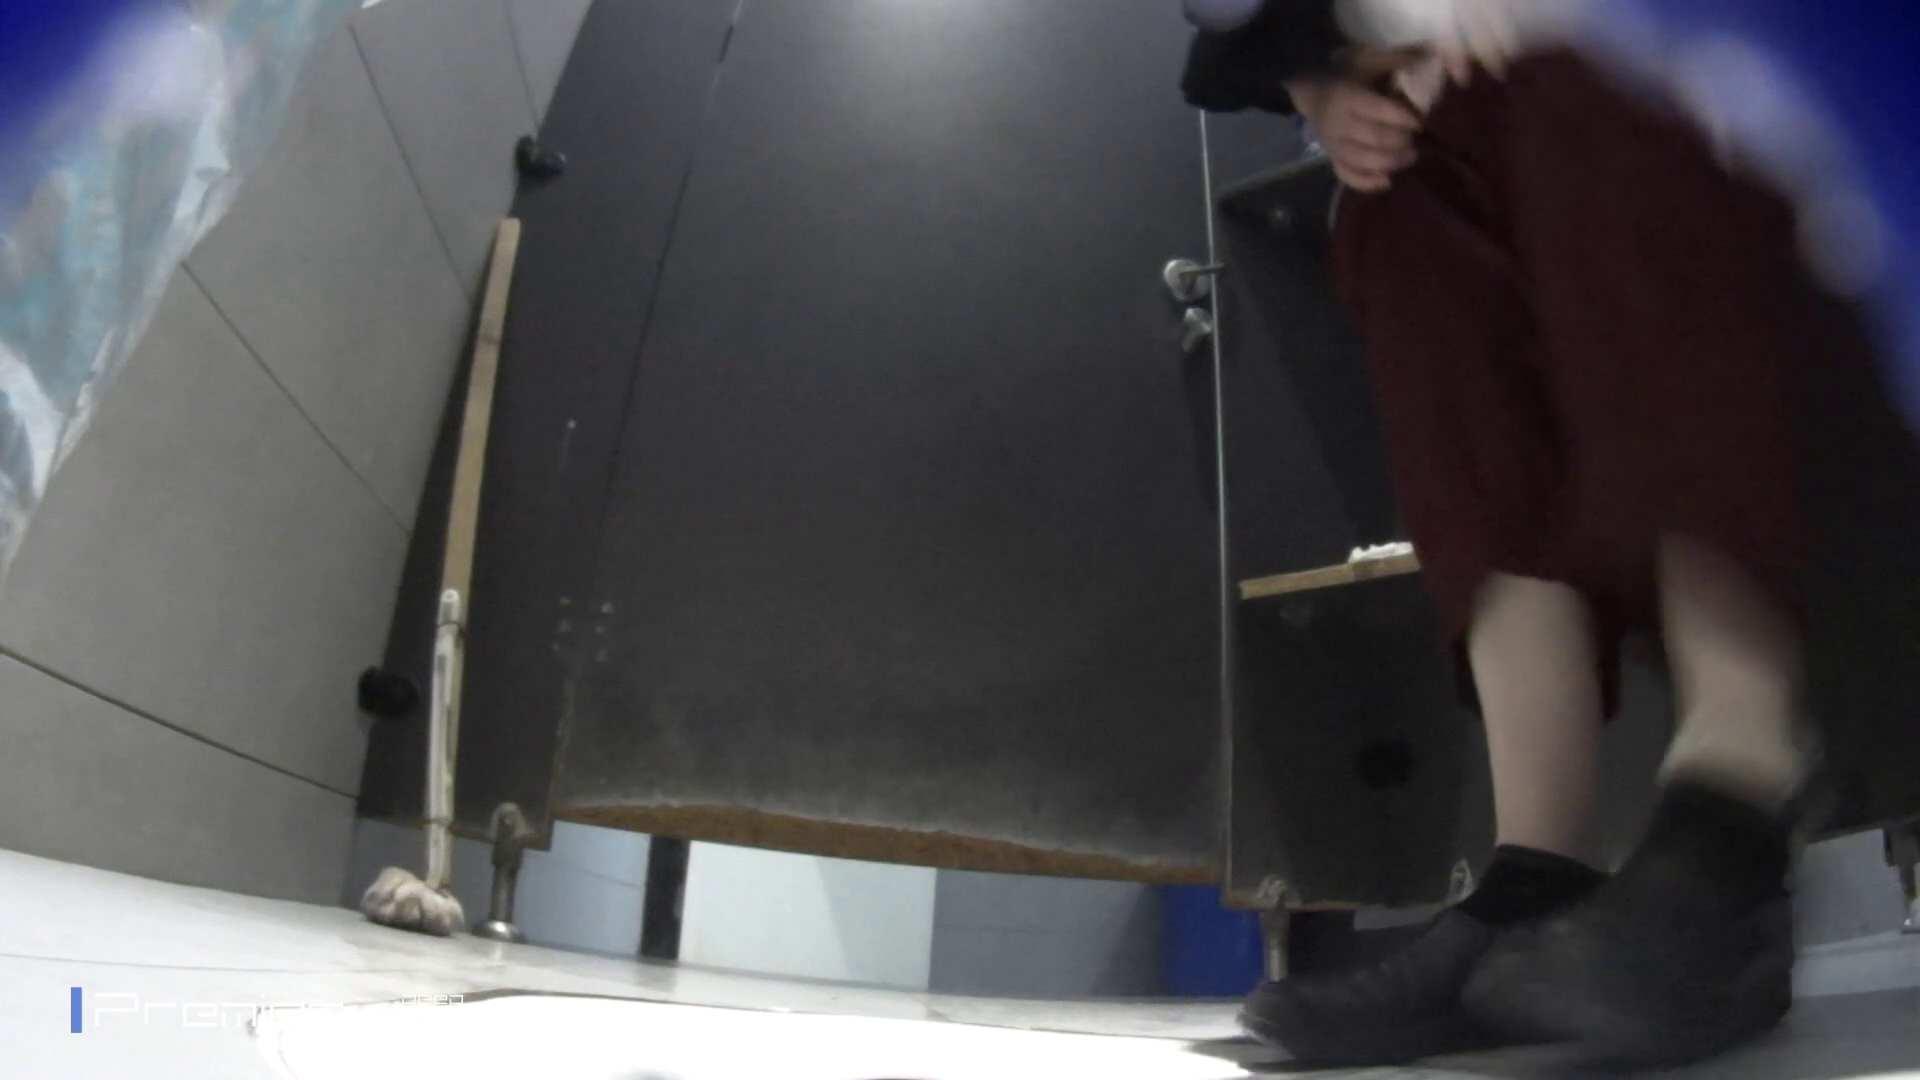 フロントから丸見え! 大学休憩時間の洗面所事情60 高画質 性交動画流出 96枚 74